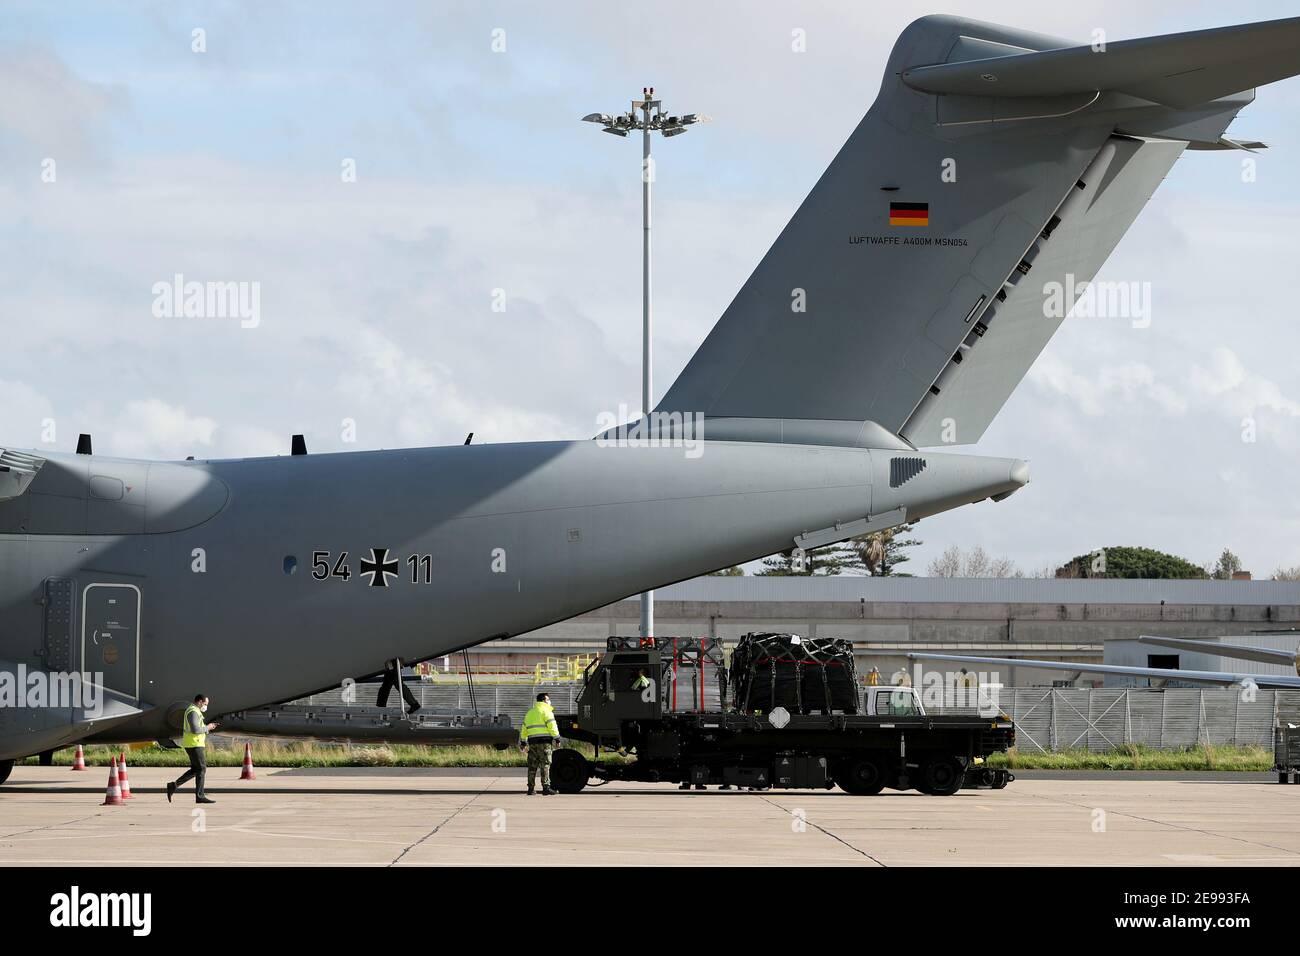 3 février 2021, Lisbonne, Portugal : le LisbonÕs février 2021, l'équipement médical est déchargé d'un avion de transport militaire Airbus A400M de l'armée de l'air allemande à l'aéroport militaire de 3, au Portugal. L'Allemagne envoie 26 professionnels de la santé et des fournitures médicales dans le cadre d'une mission de secours pour lutter contre la pandémie de Covid-19 au Portugal. Dans la première phase, l'aide doit s'étendre sur une période de 21 jours. (Image crédit : © Pedro Fiuza/ZUMA Wire) Banque D'Images